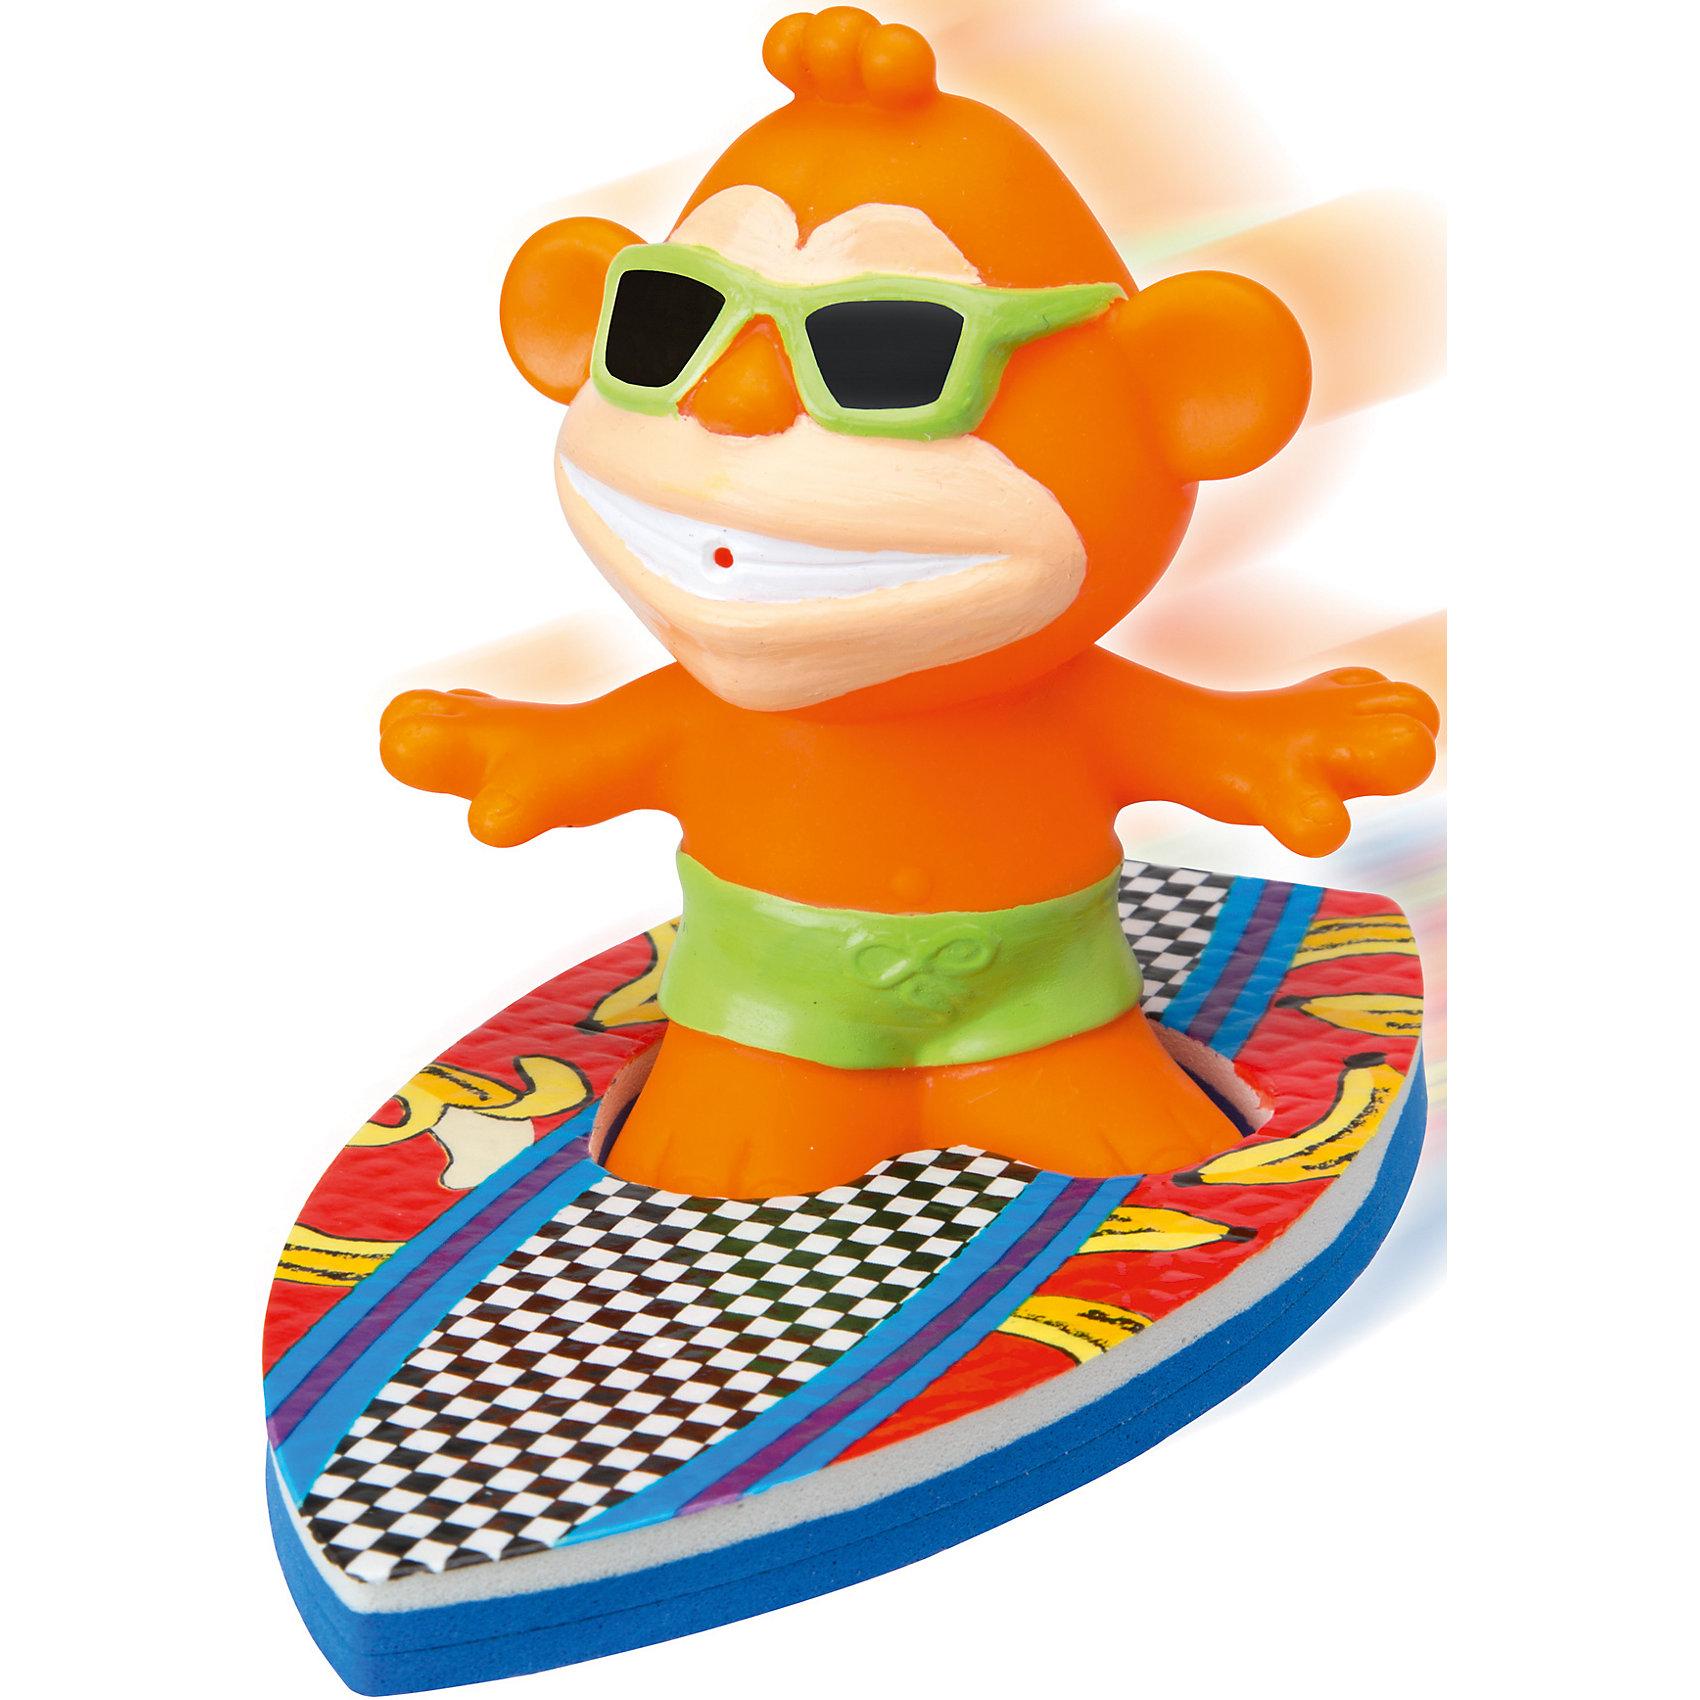 Игрушка для ванны Серфинг, ALEXИгрушка для ванны Серфинг, ALEX (АЛЕКС) - превратит купание ребенка в веселую увлекательную игру.<br>Забавная игрушка для ванны Серфинг от ALEX (АЛЕКС) подарит море удовольствия ребенку во время купания. В комплект входит фигурка обезьянки-серфингиста в темных очках и две доски для серфинга. Малышу нужно выбрать одну из досок, установить на нее обезьяну, создать волны в ванне и наблюдать, как она ловит волну. Если в обезьянку набрать воды, а потом нажать, из ее рта будет весело бить фонтанчик.<br><br>Дополнительная информация:<br><br>- В наборе: обезьянка-серфингист, 2 доски для серфинга<br>- Материал: резина, пенопласт<br>- Размер упаковки: 16,5x6х25,5 см.<br><br>Игрушку для ванны Серфинг, ALEX (АЛЕКС) можно купить в нашем интернет-магазине.<br><br>Ширина мм: 165<br>Глубина мм: 57<br>Высота мм: 254<br>Вес г: 150<br>Возраст от месяцев: 24<br>Возраст до месяцев: 72<br>Пол: Унисекс<br>Возраст: Детский<br>SKU: 4771341